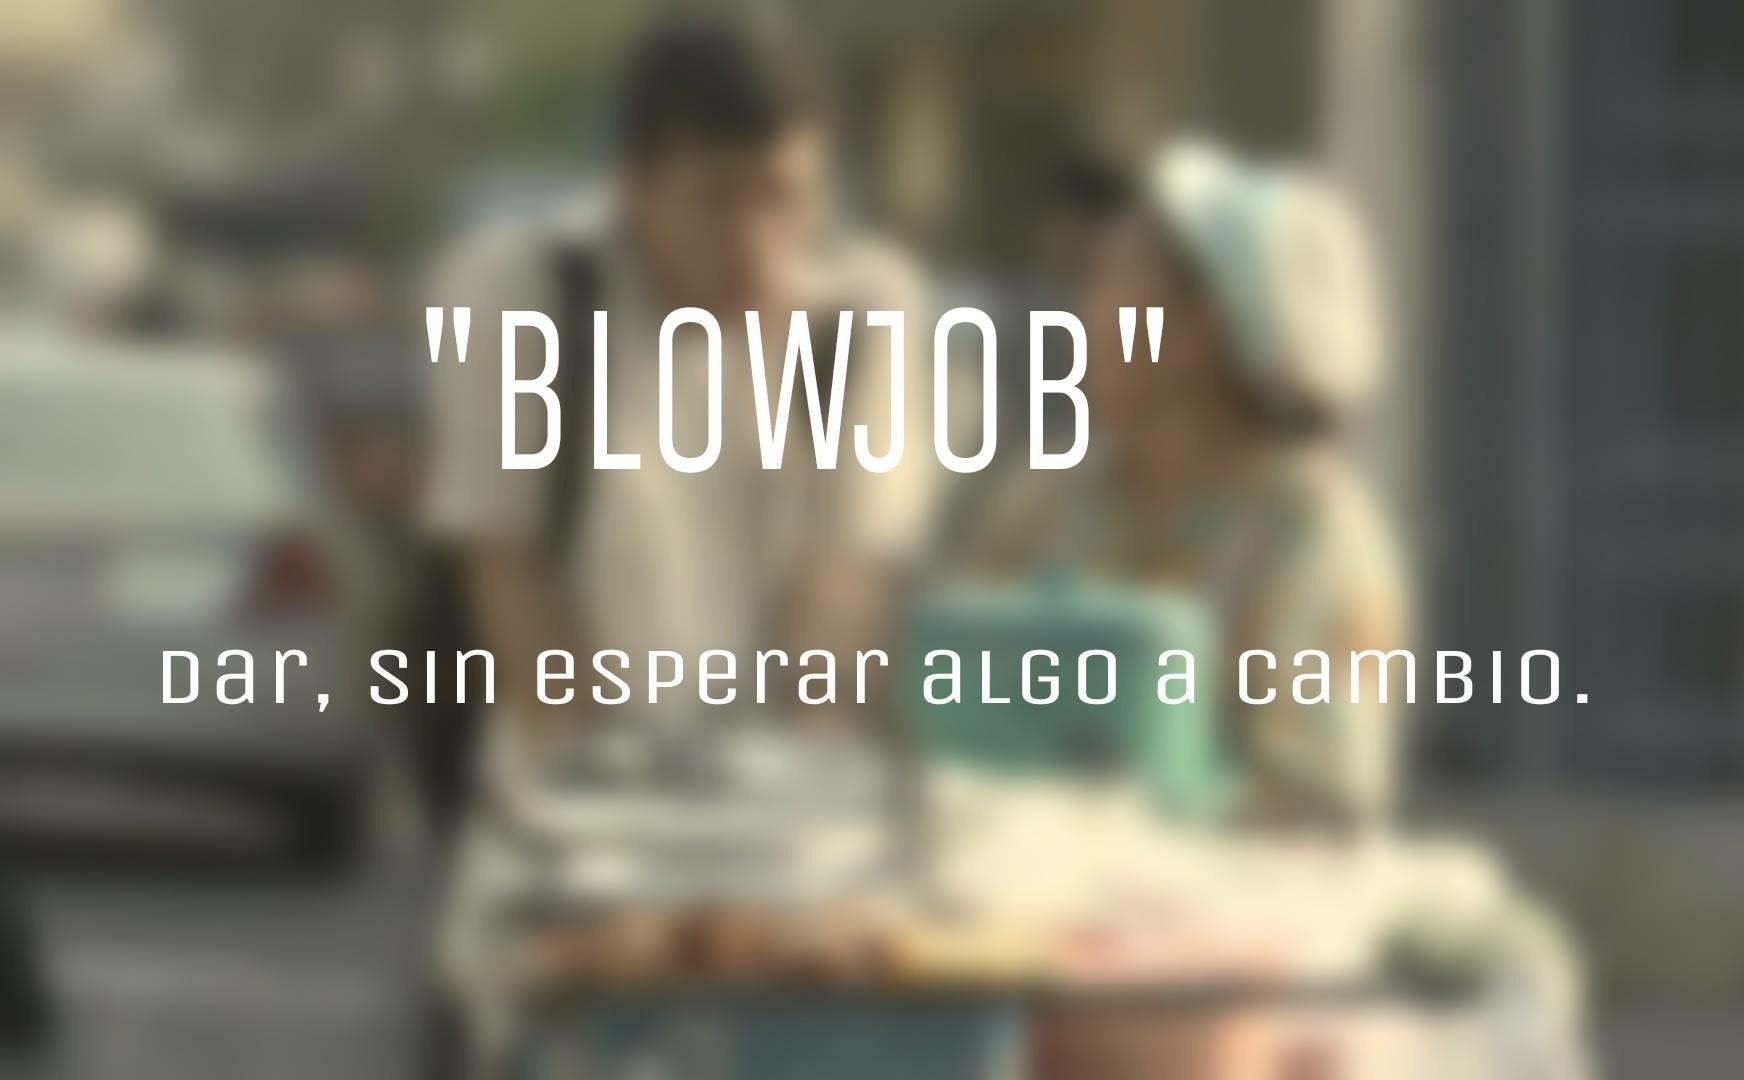 blowjob - meme